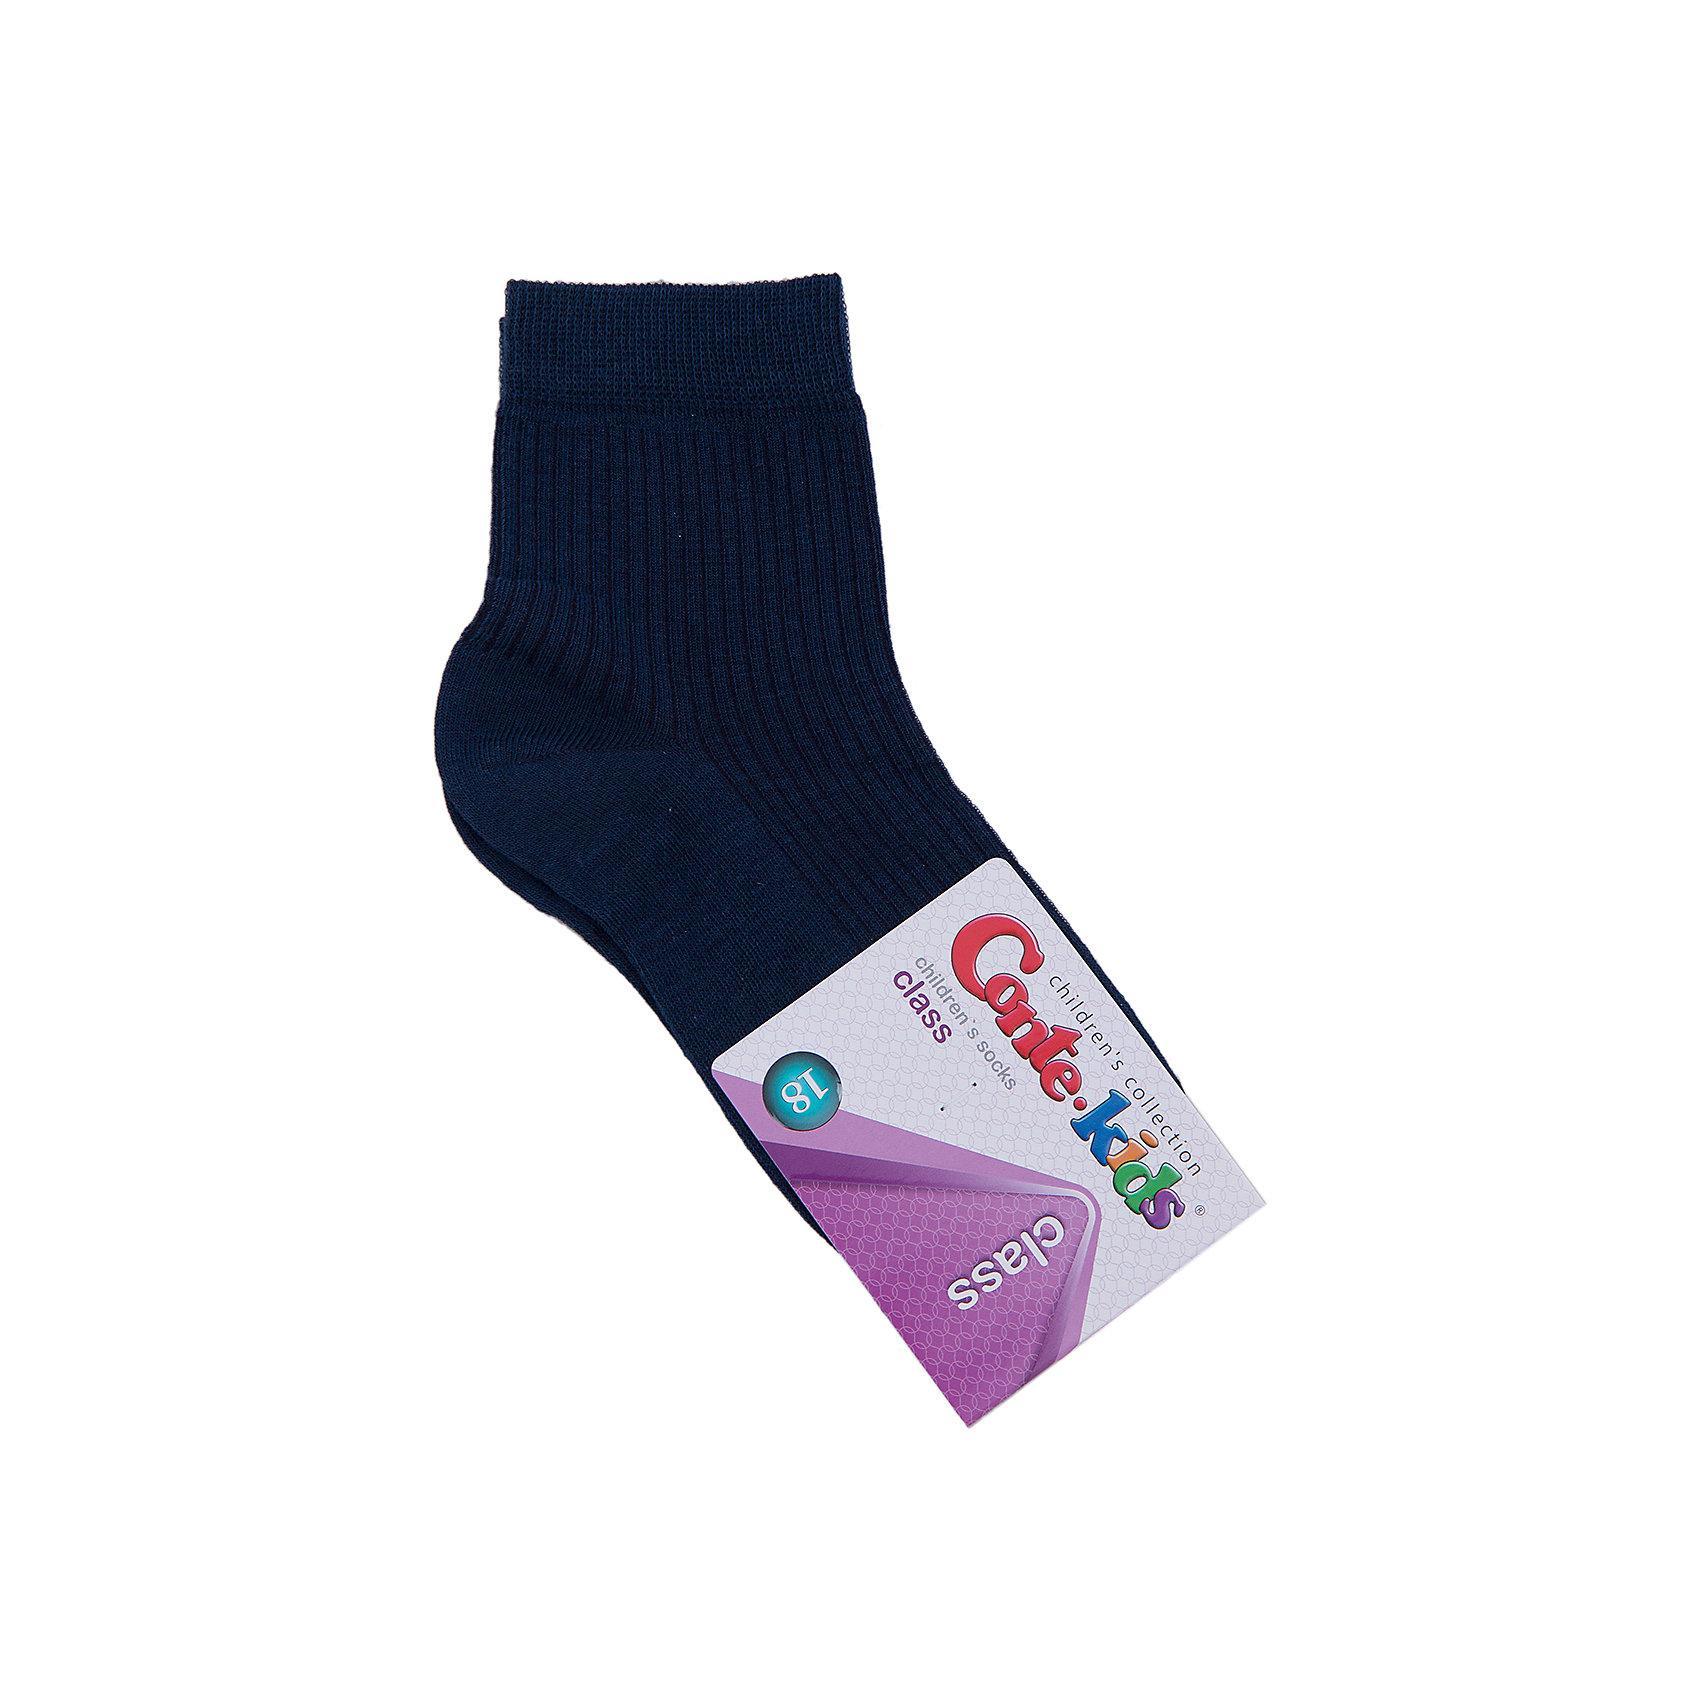 Носки  Conte-kidsНоски<br>Детские носки известной марки Conte-kids.<br>- Мягкие,  эластичные,  удобные и практичные.<br>- От белорусского производителя. <br>- Для девочек и мальчиков. <br><br>Состав: 50% - хлопок, 47,2% - полиамид, 2,8% - эластан.<br><br>Ширина мм: 87<br>Глубина мм: 10<br>Высота мм: 105<br>Вес г: 115<br>Цвет: синий<br>Возраст от месяцев: 60<br>Возраст до месяцев: 84<br>Пол: Унисекс<br>Возраст: Детский<br>Размер: 18<br>SKU: 4830295